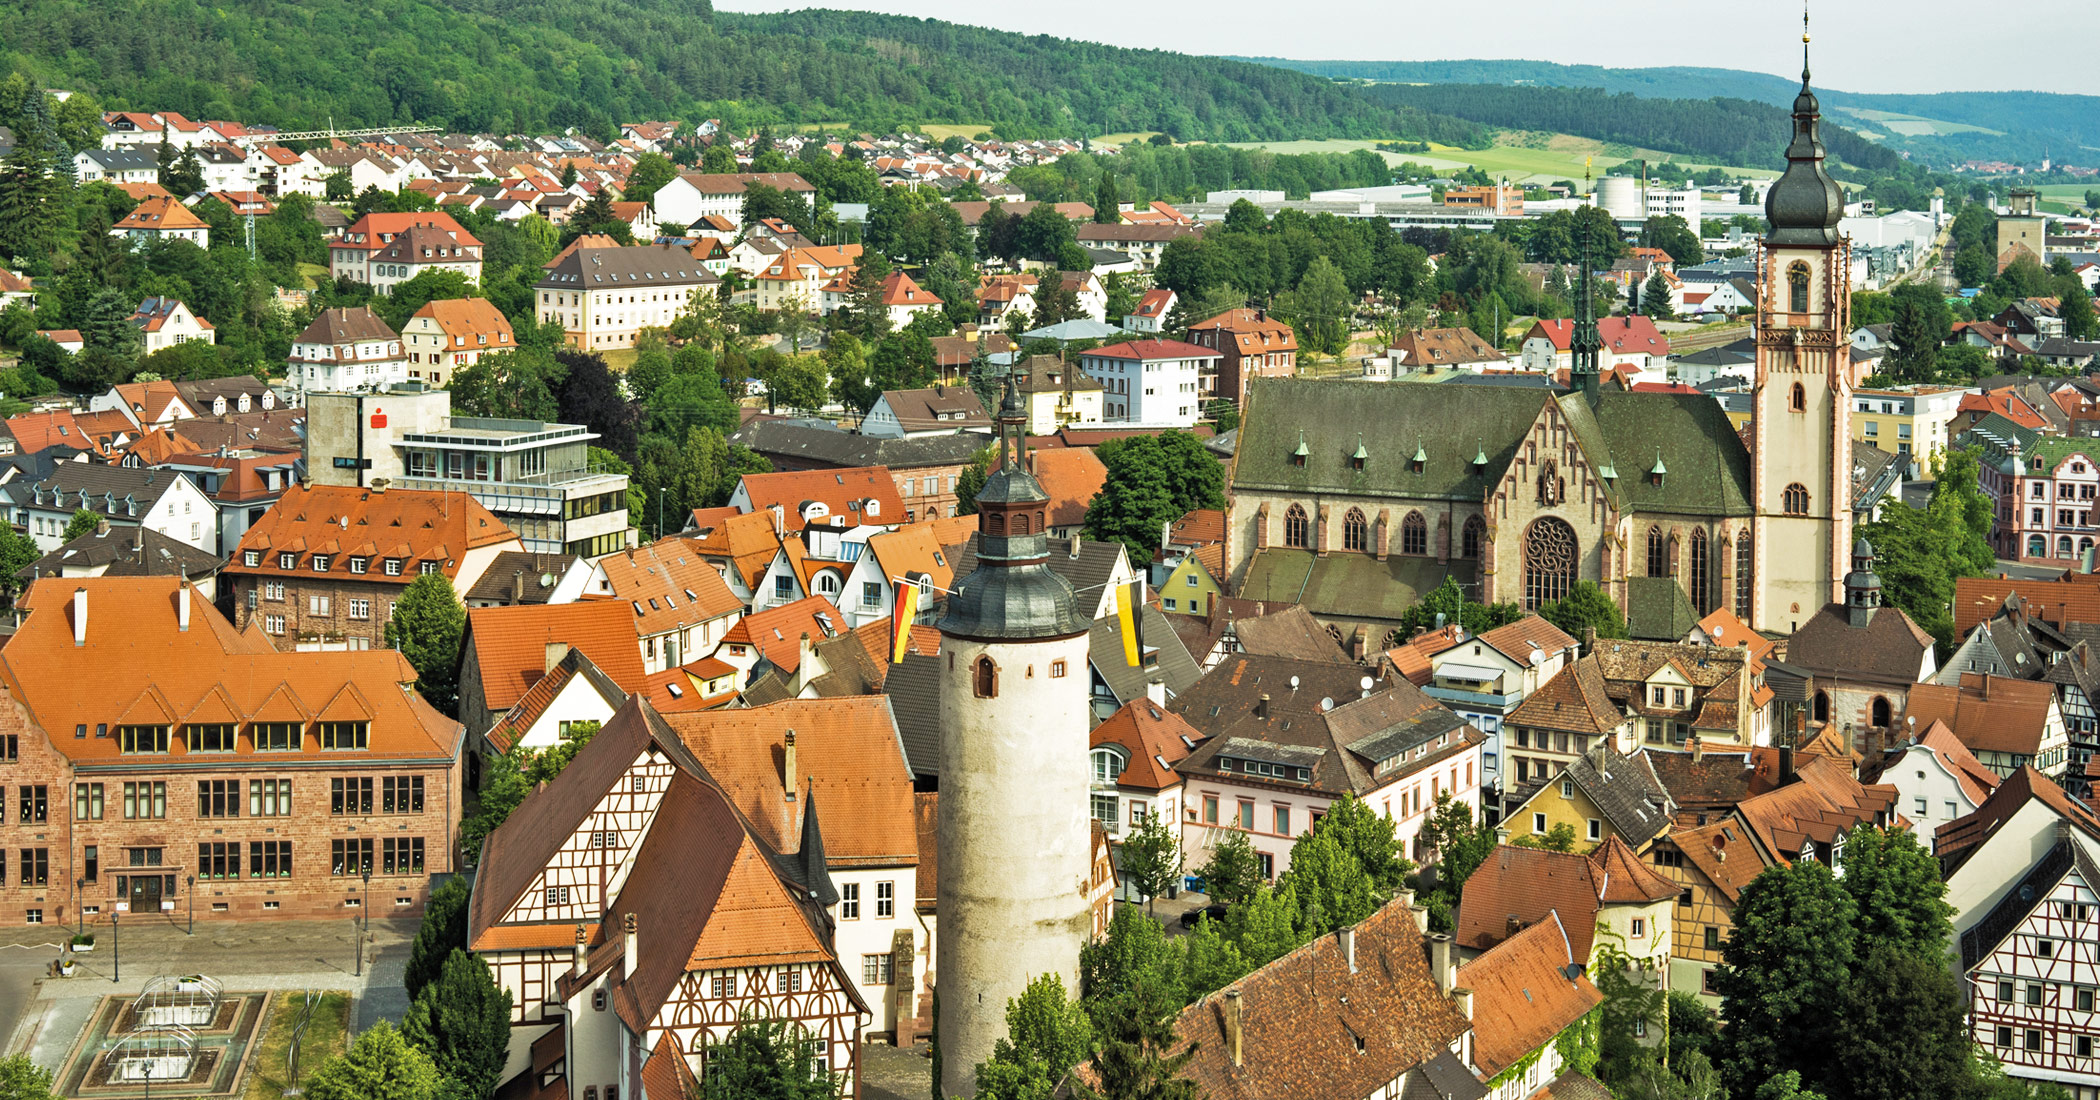 luftbilder-mainfranken_tauberbischofsheim2